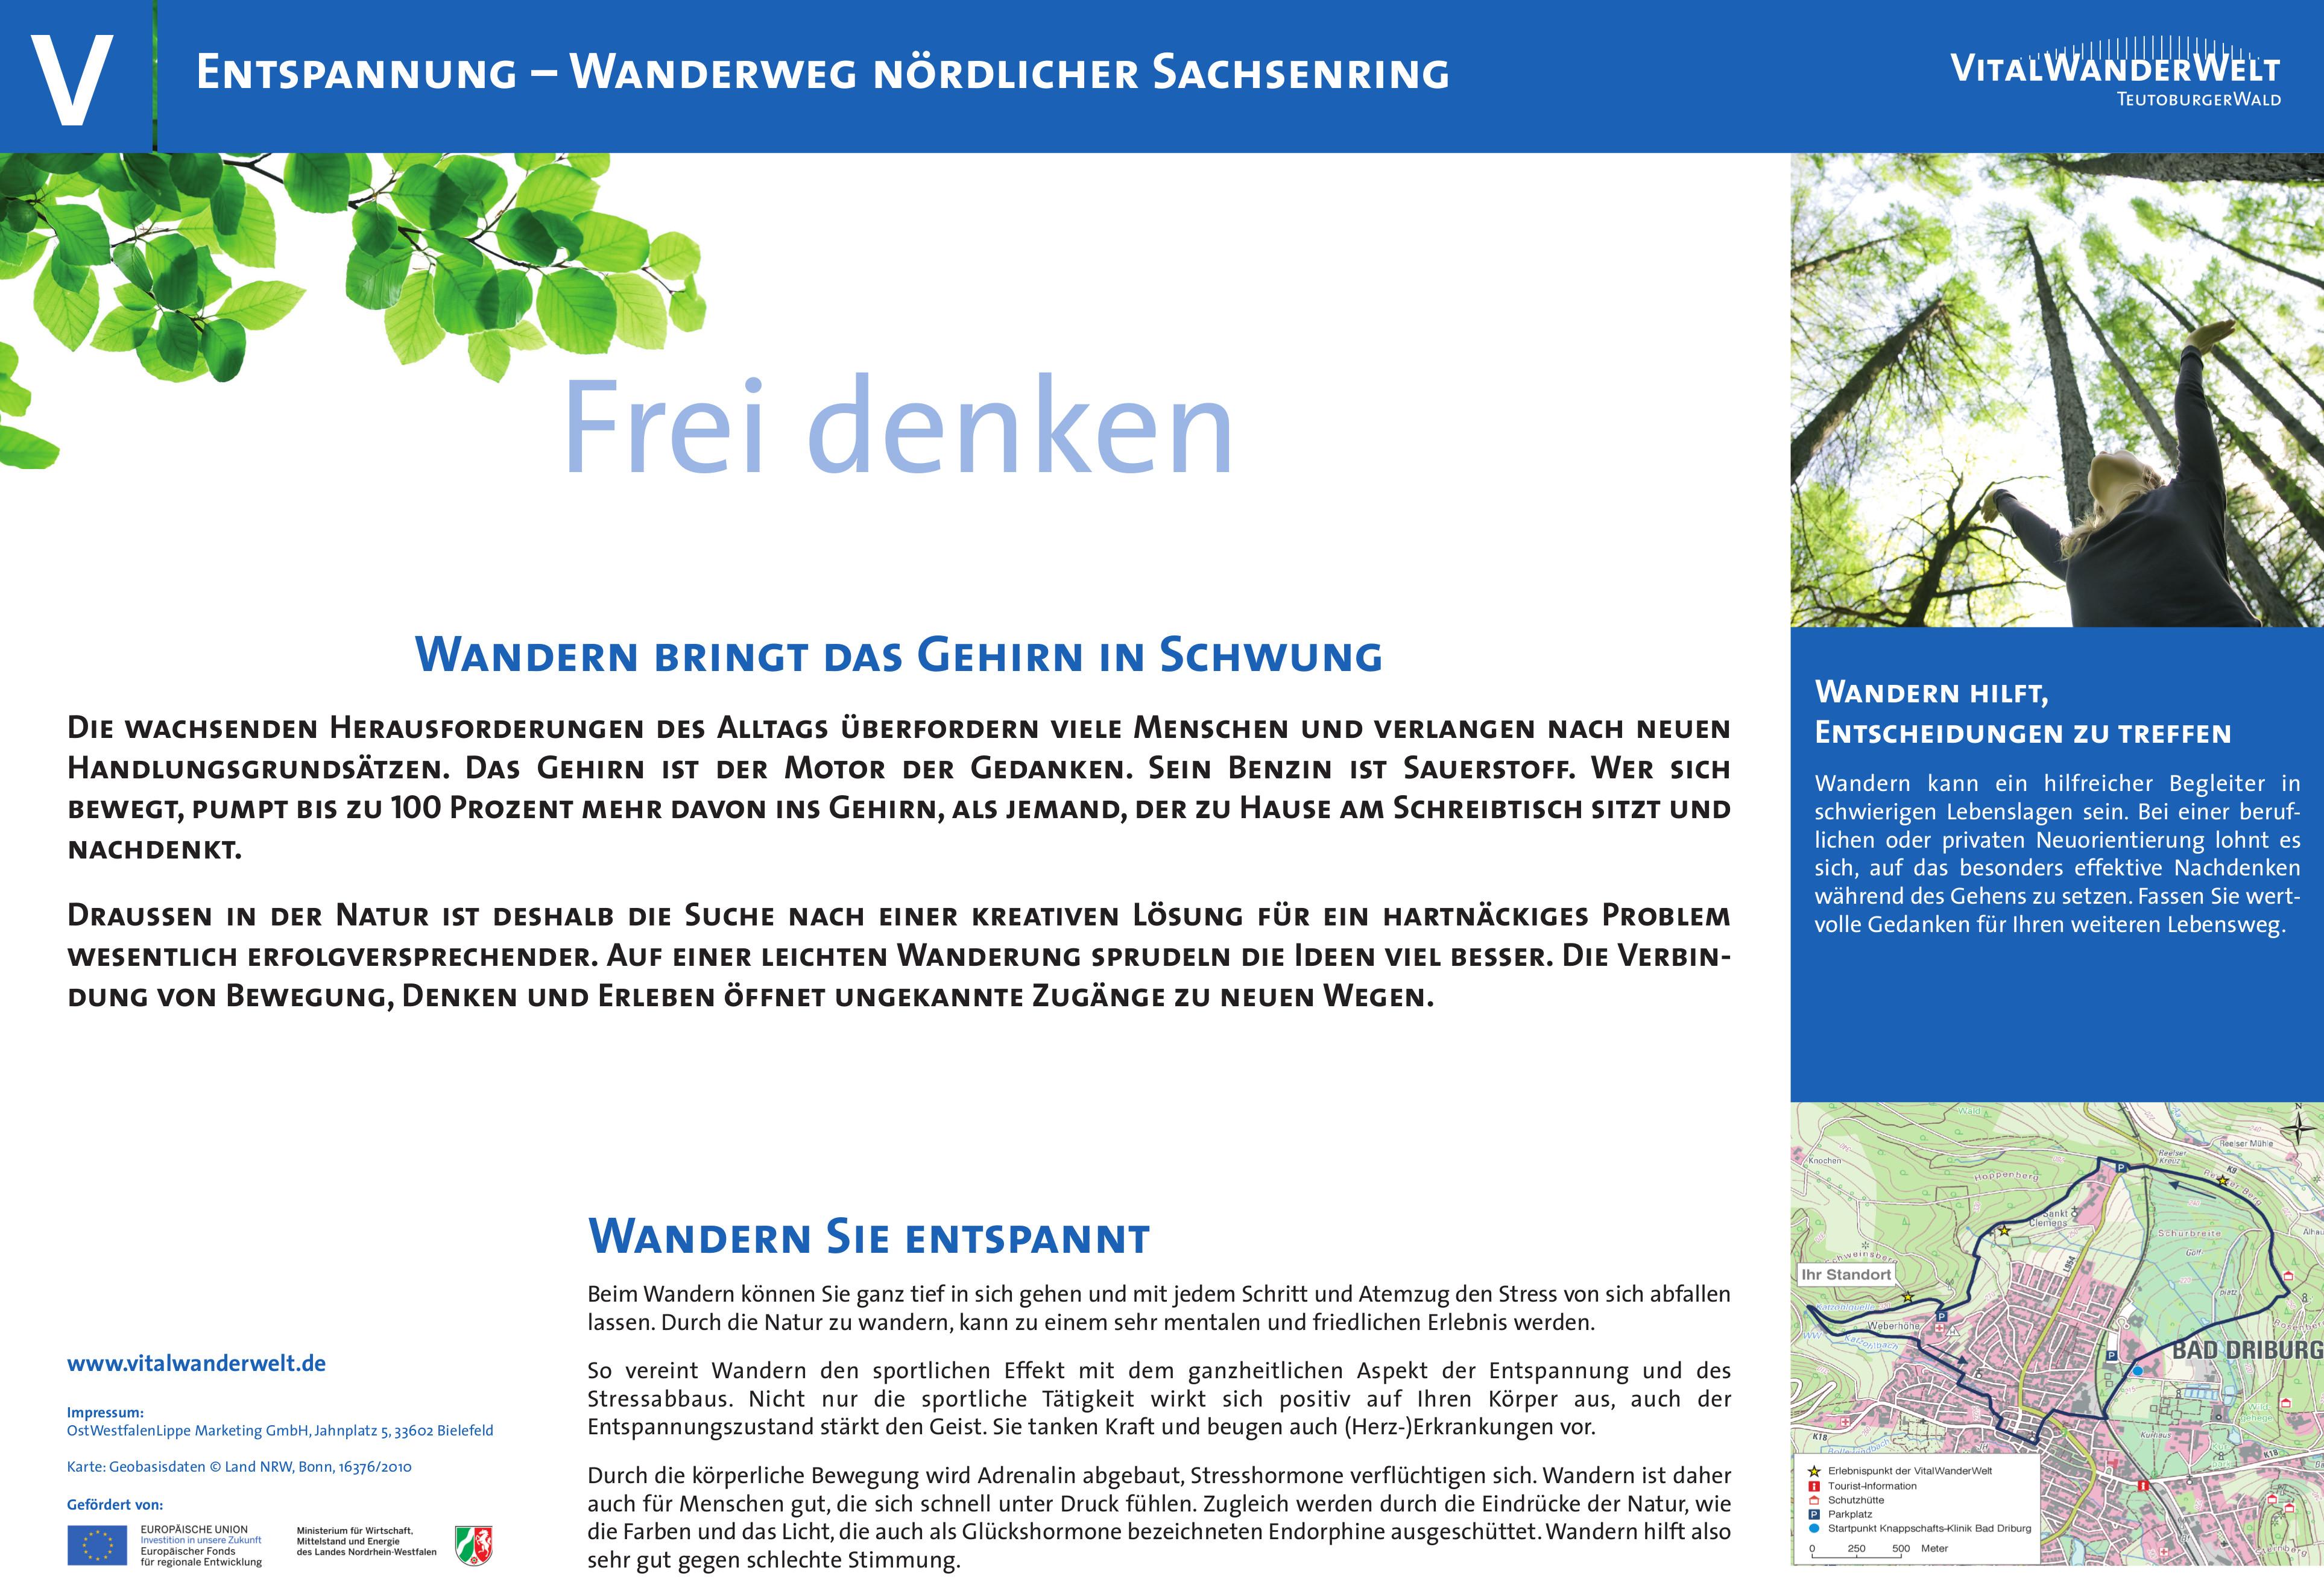 VitalWanderWelt Wanderweg nördlicher Sachsenring - Frei denken